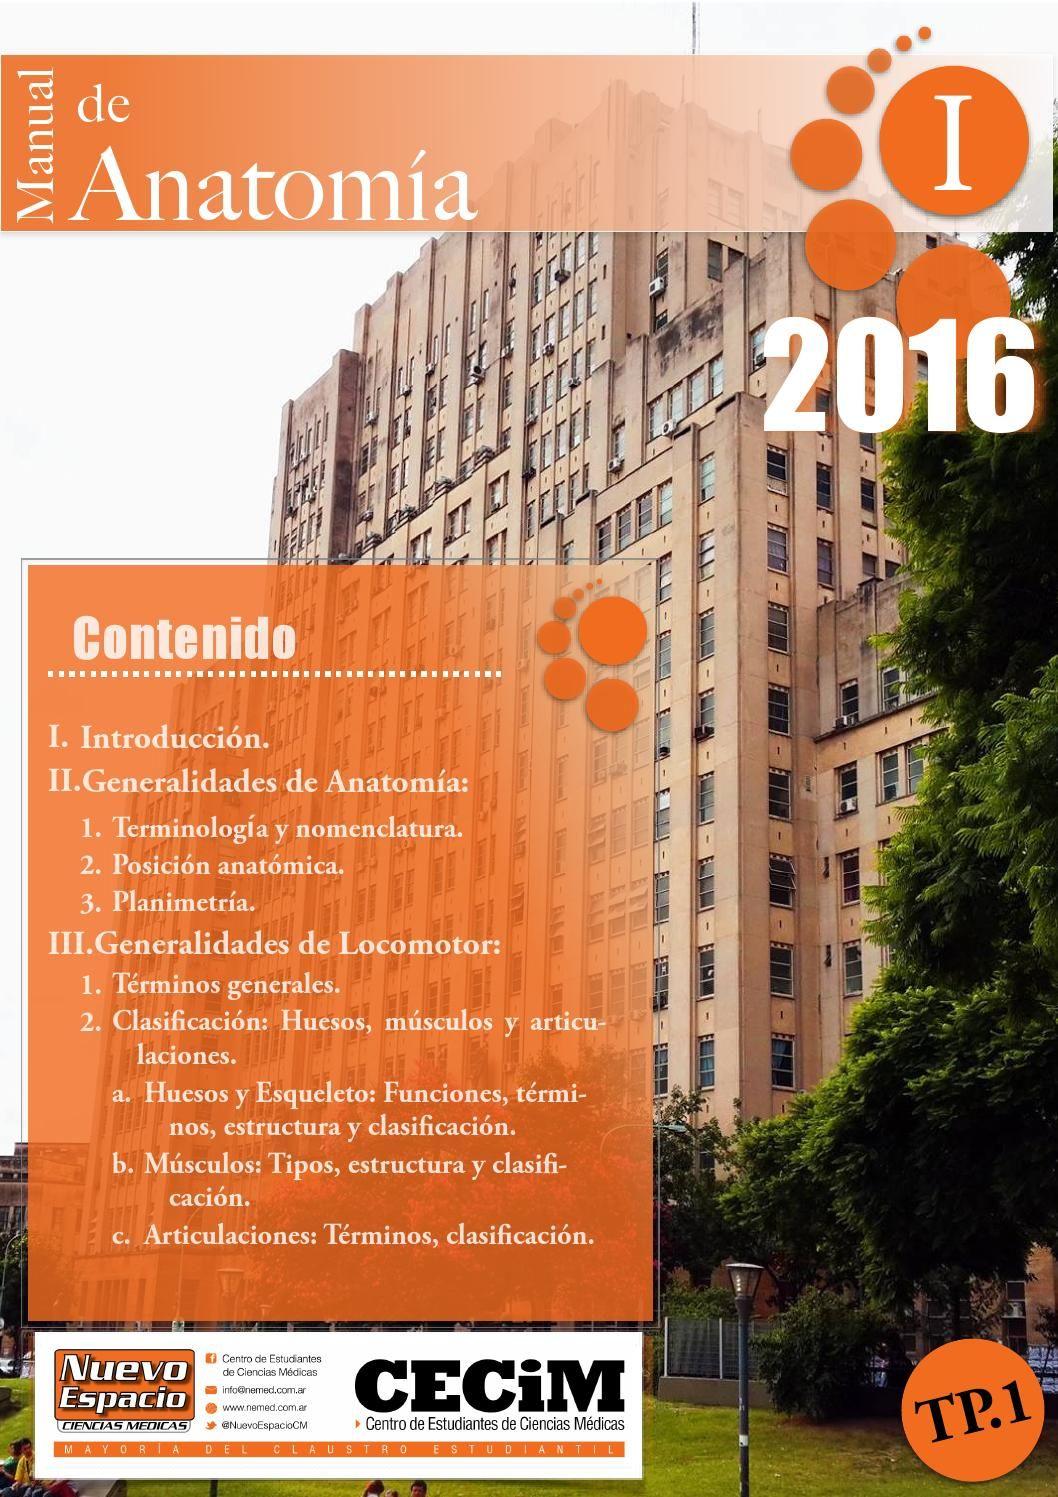 01 Generalidades - Manual Anatomía - CECiM | Pinterest | Anatomía ...